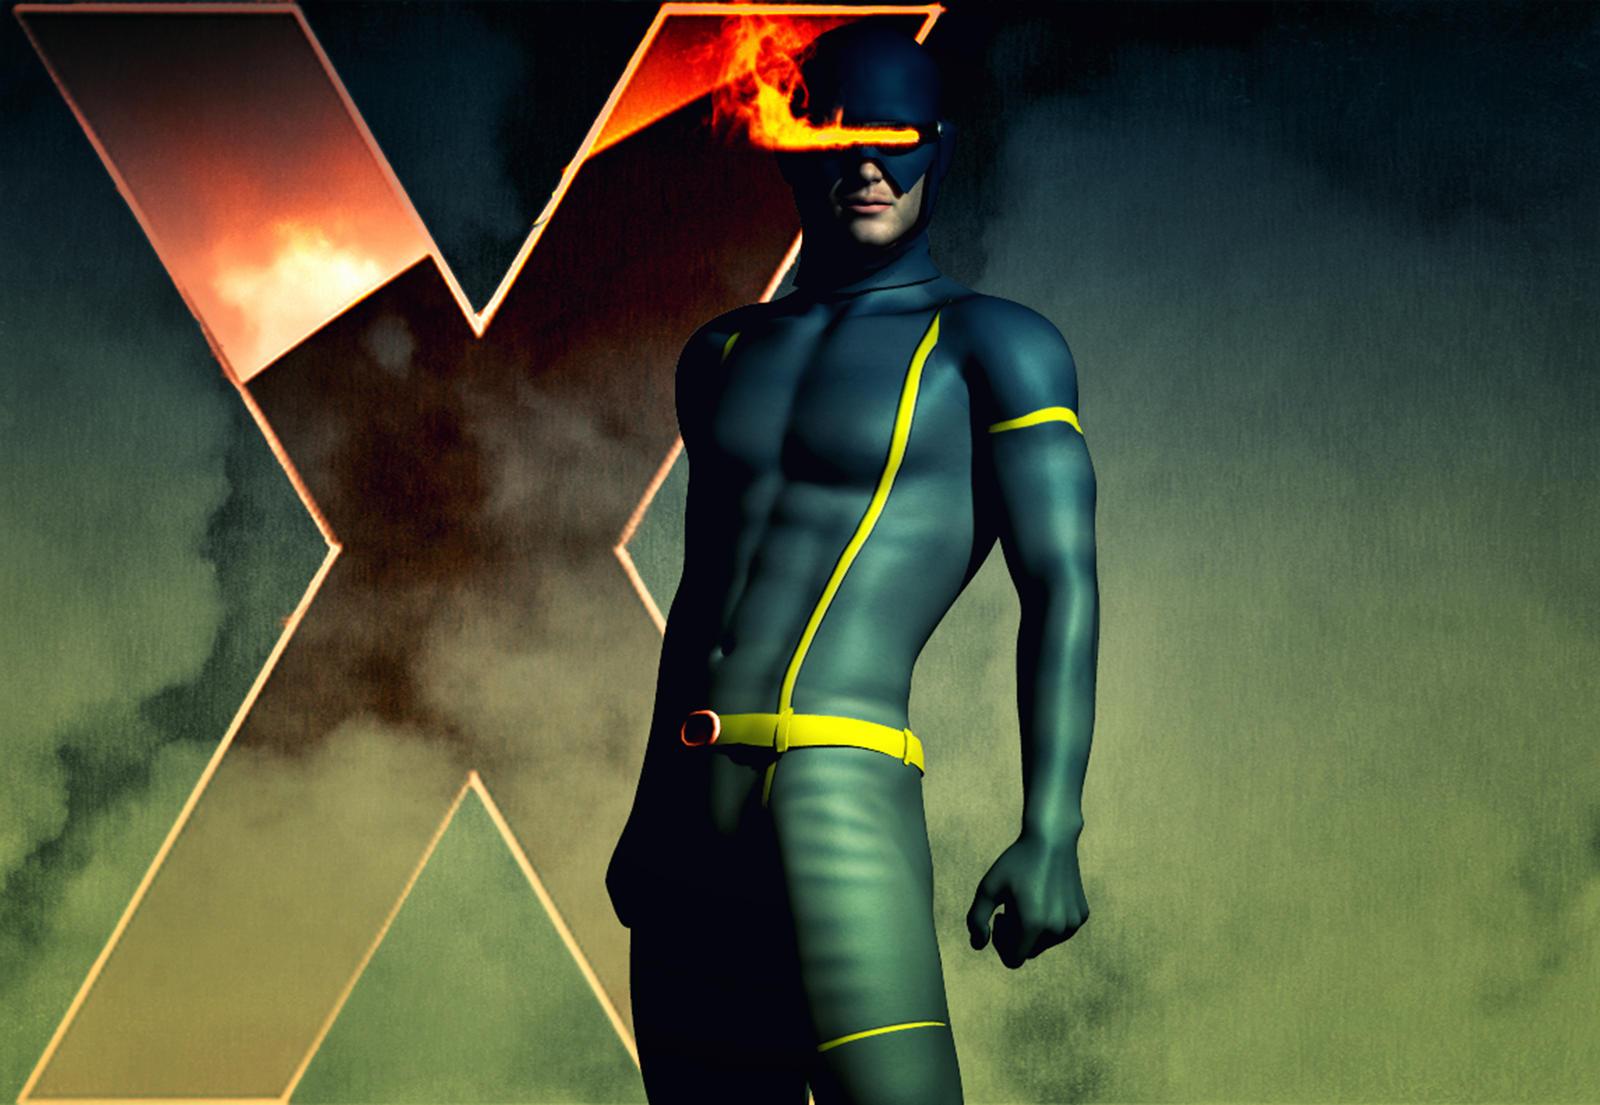 Cyclops 2 by hiram67